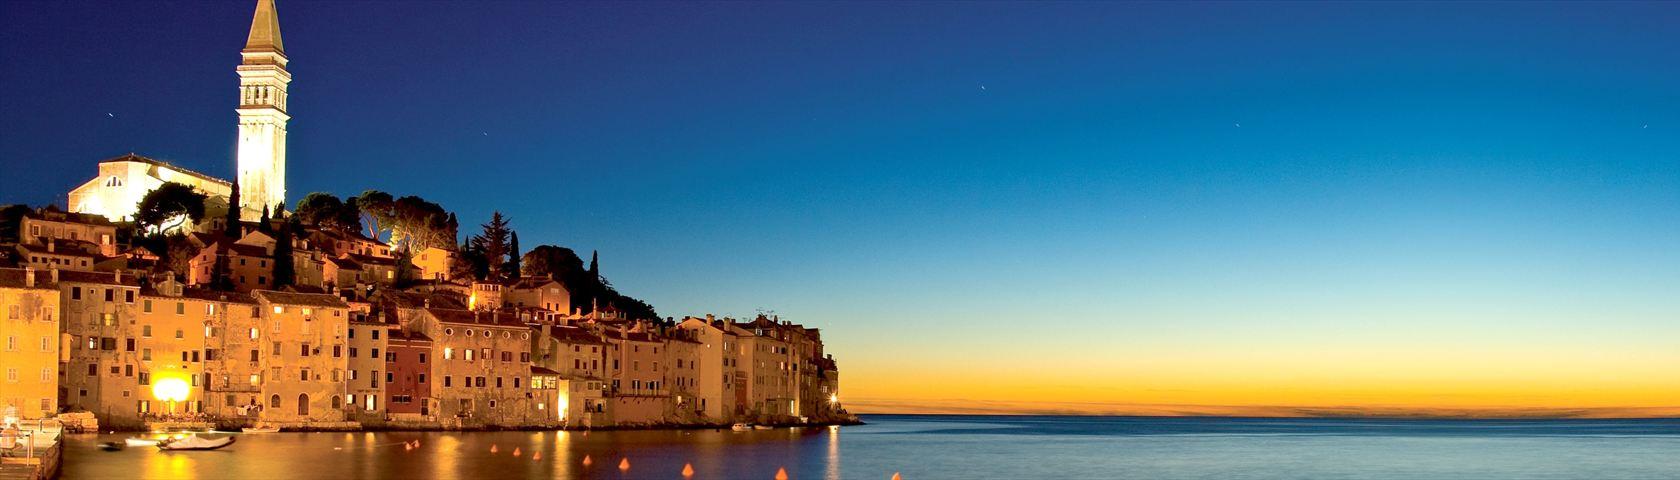 Croatia in the Night